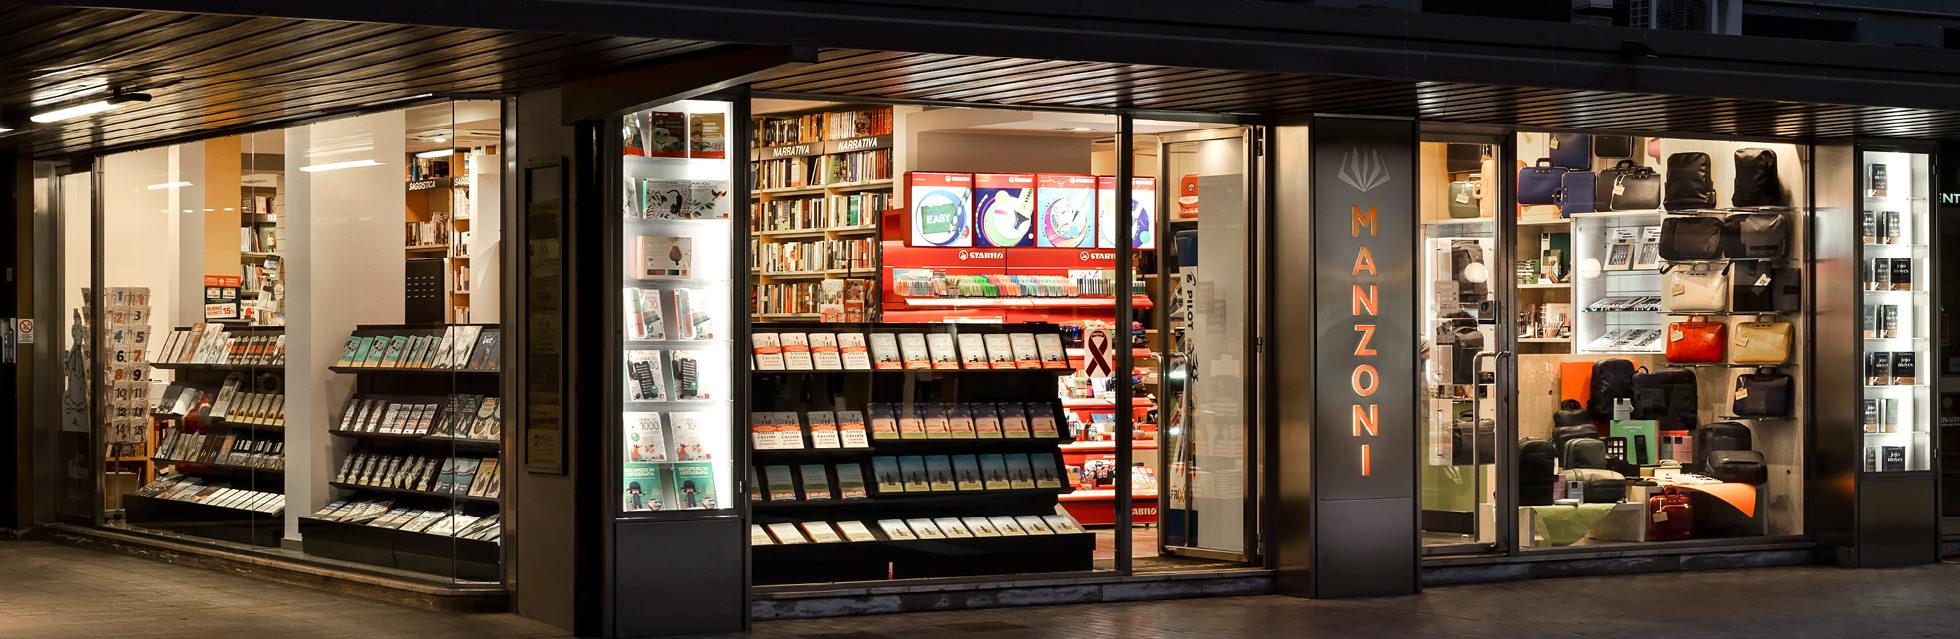 Libreria Manzoni San Donà di Piave - Esterno